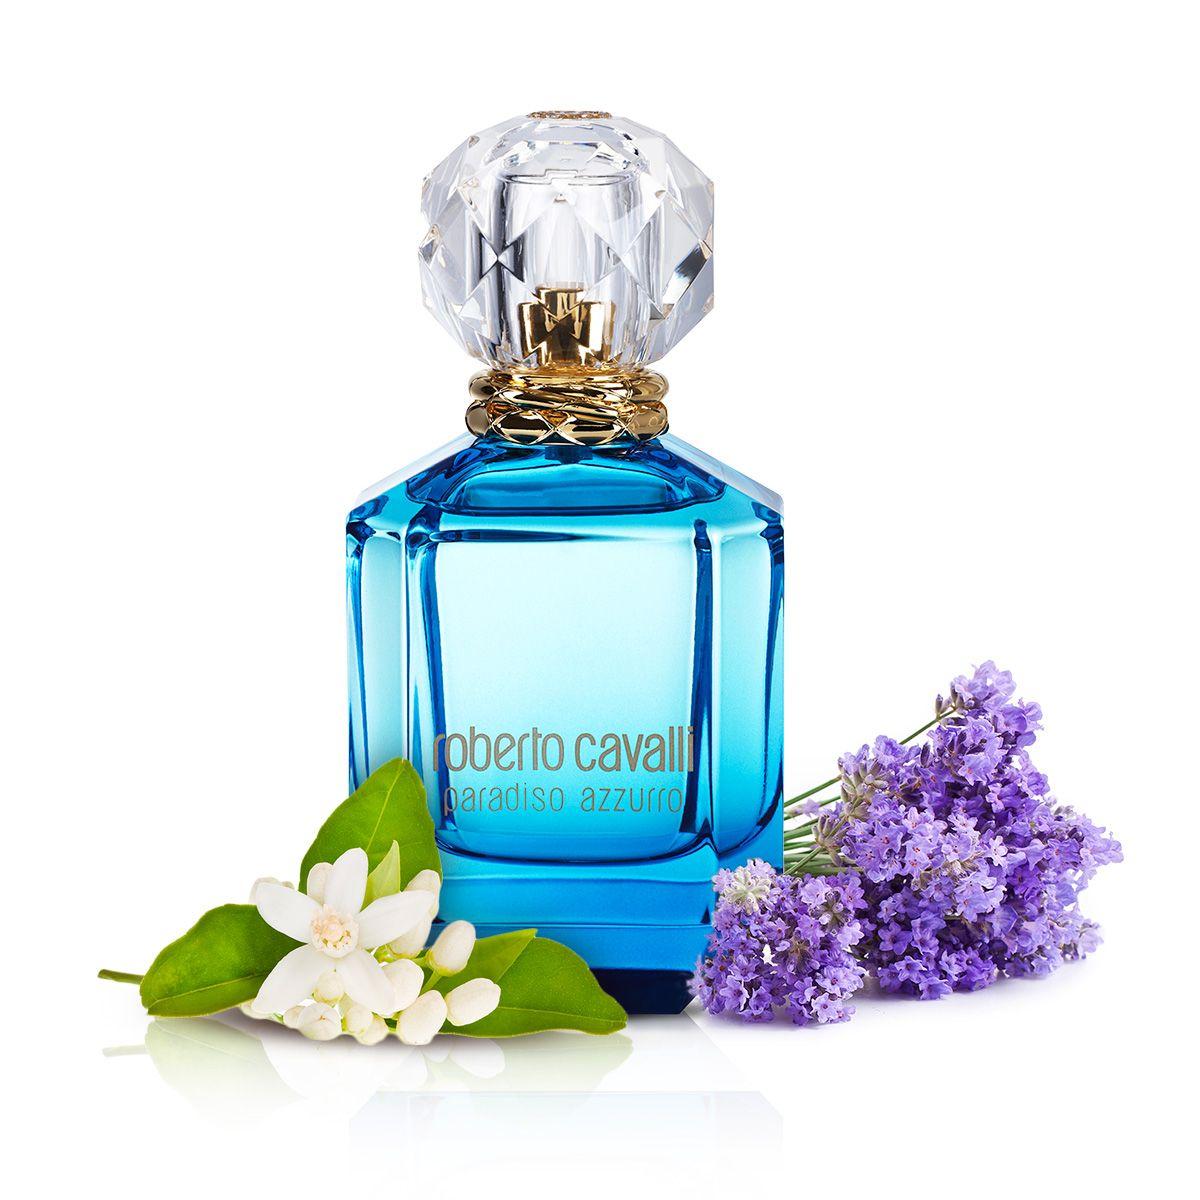 Roberto Cavalli Paradiso Azzurro Livrare Intre 2 4 Zile Notino Ro Roberto Cavalli Perfume Perfume Bottles